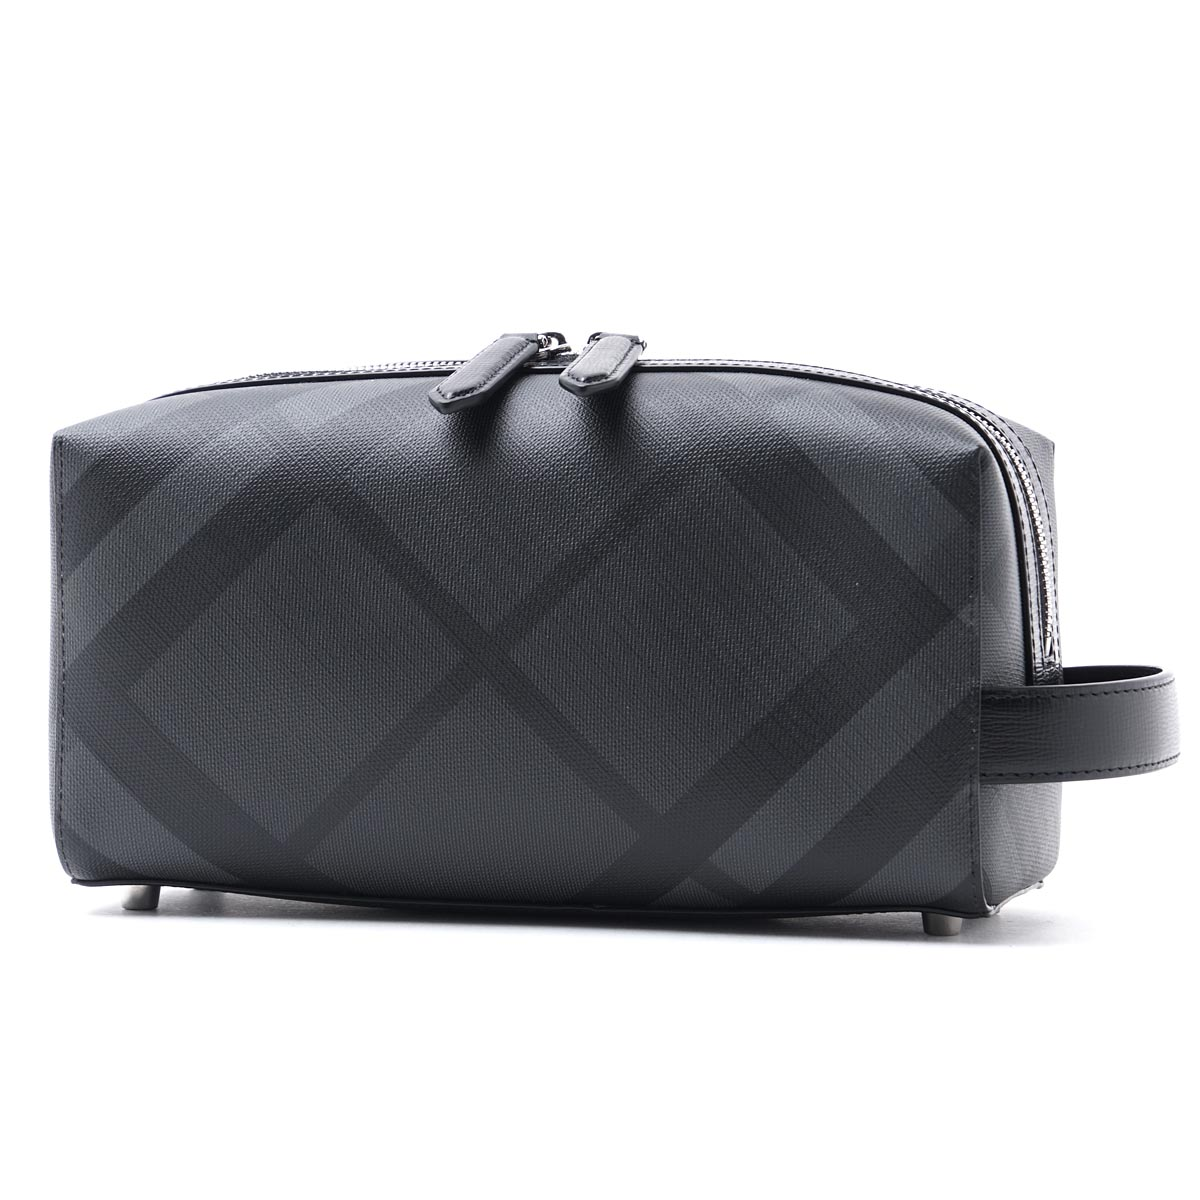 メンズバッグ, クラッチバッグ・セカンドバッグ  BURBERRY 4068330 charcoal black